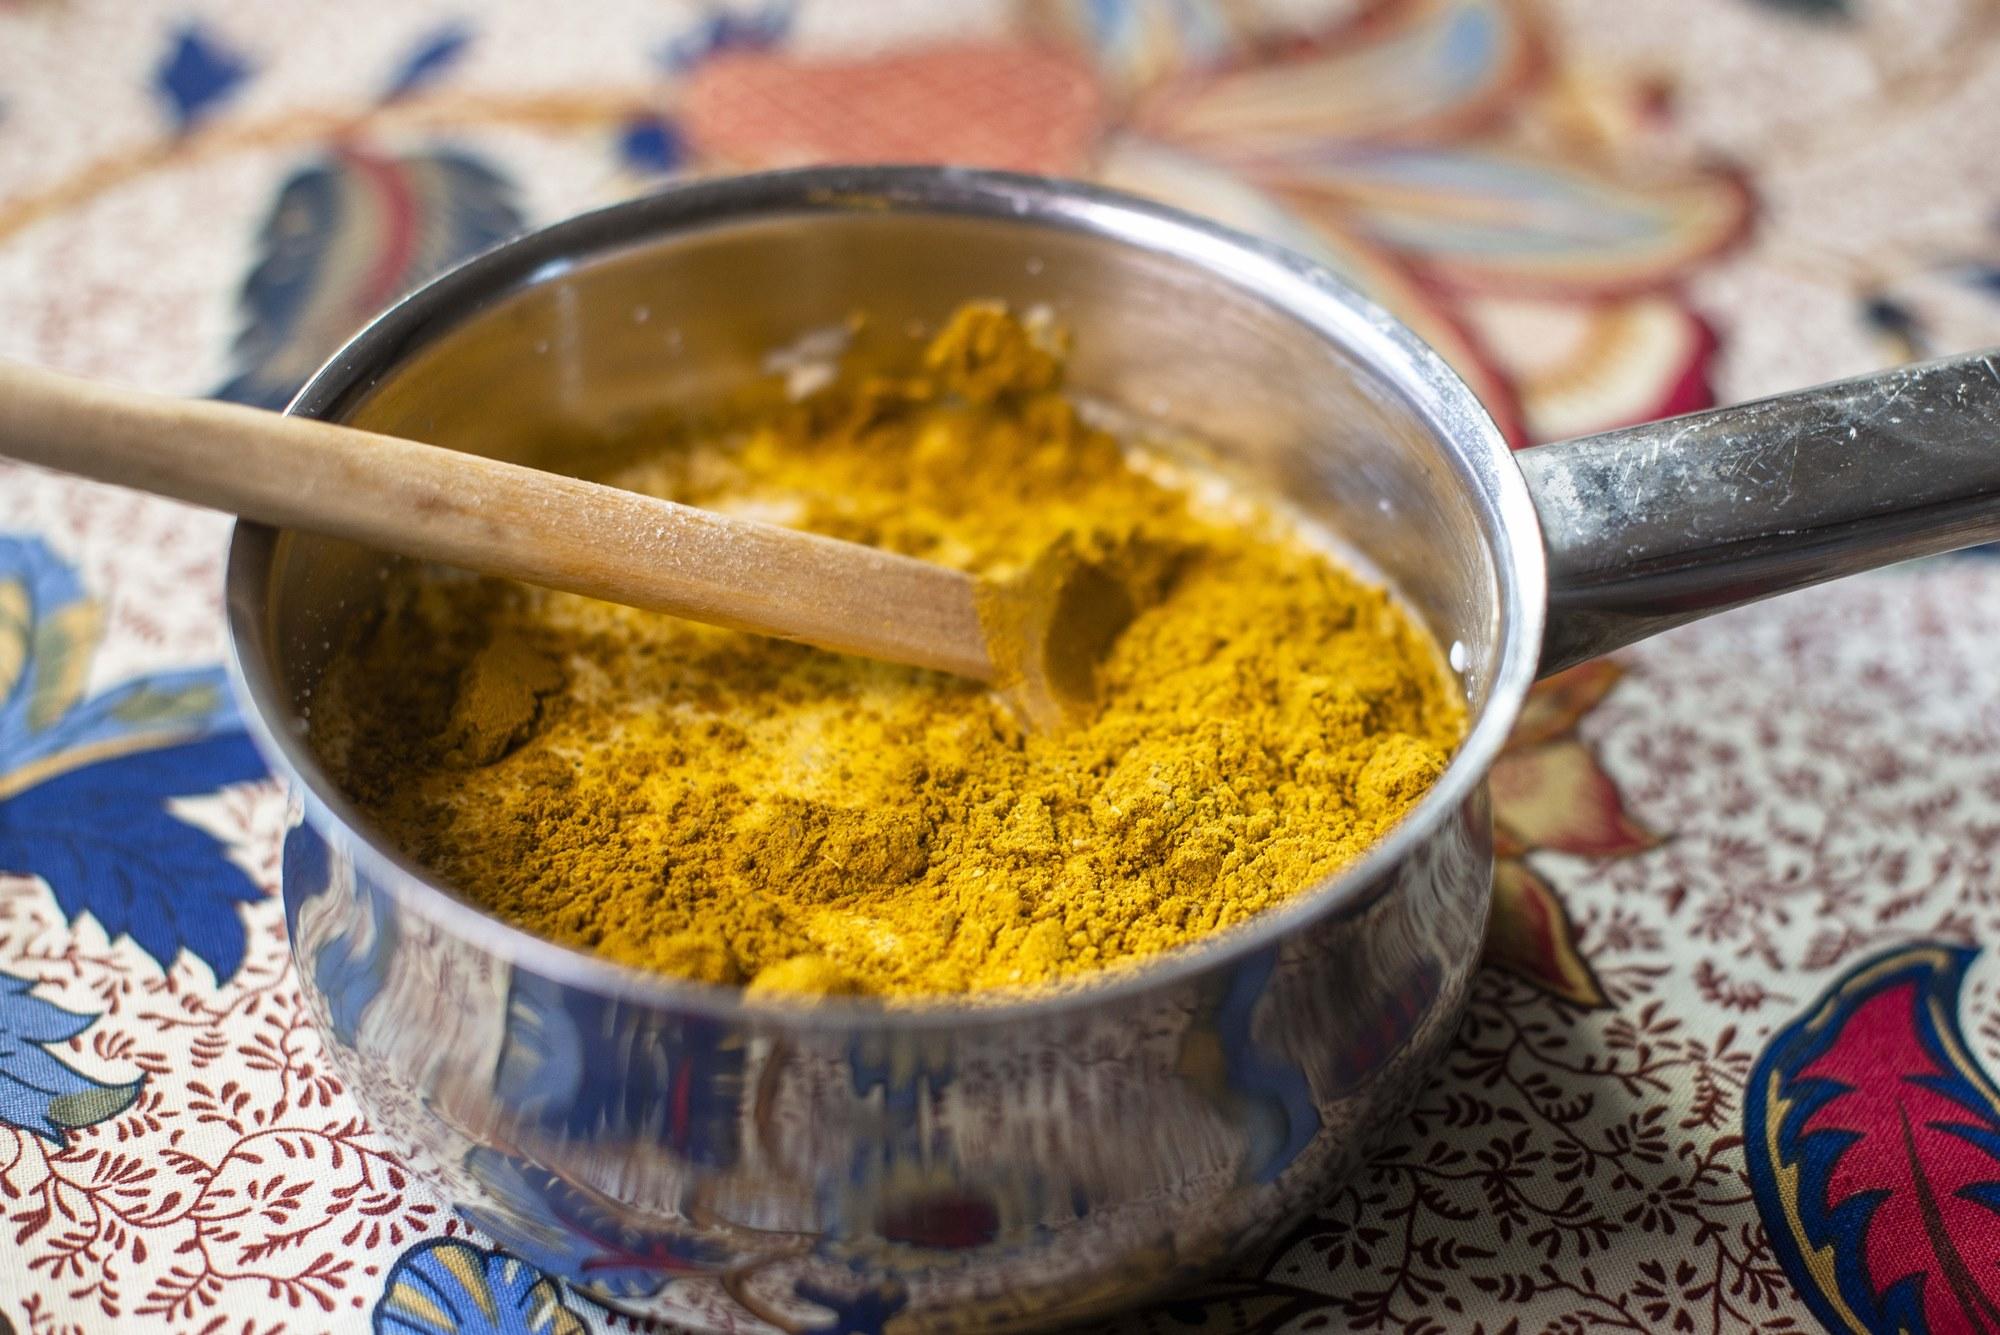 La salsa de nata y polvo de curry debe resultar un poco agridulce.